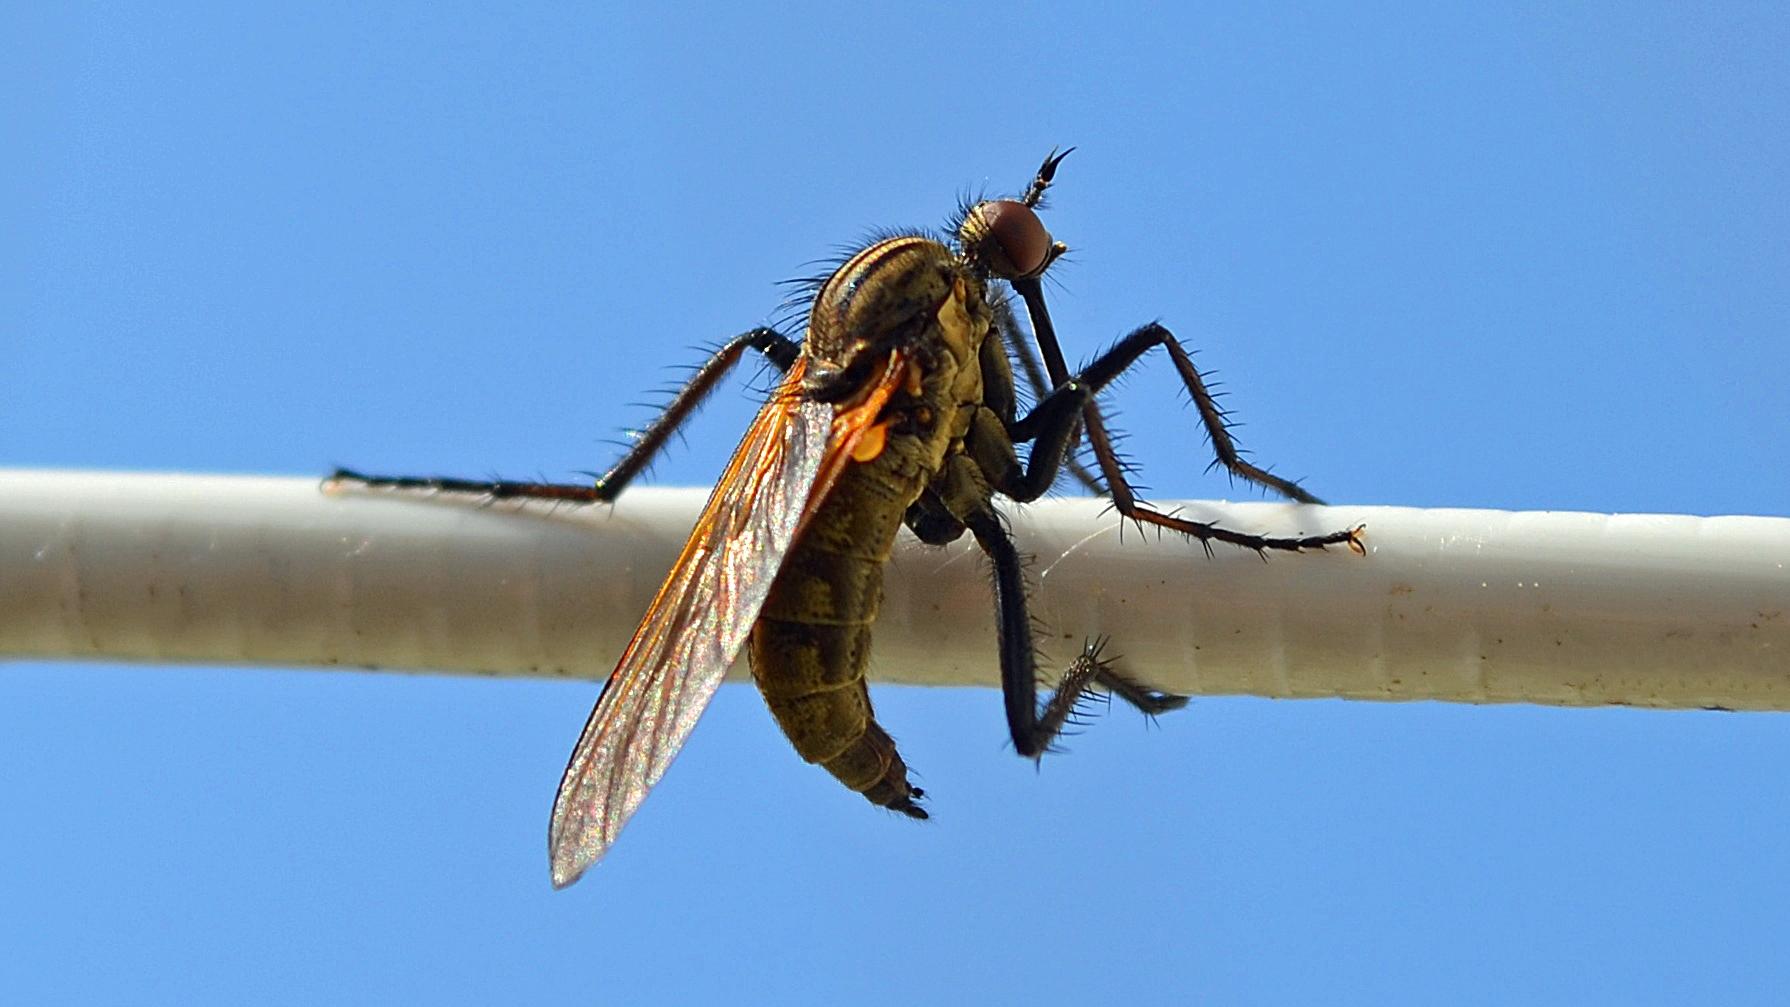 Een heel klein raar vliegje op de waslijn in de zon (Foto: Sjef Kenniphaas).